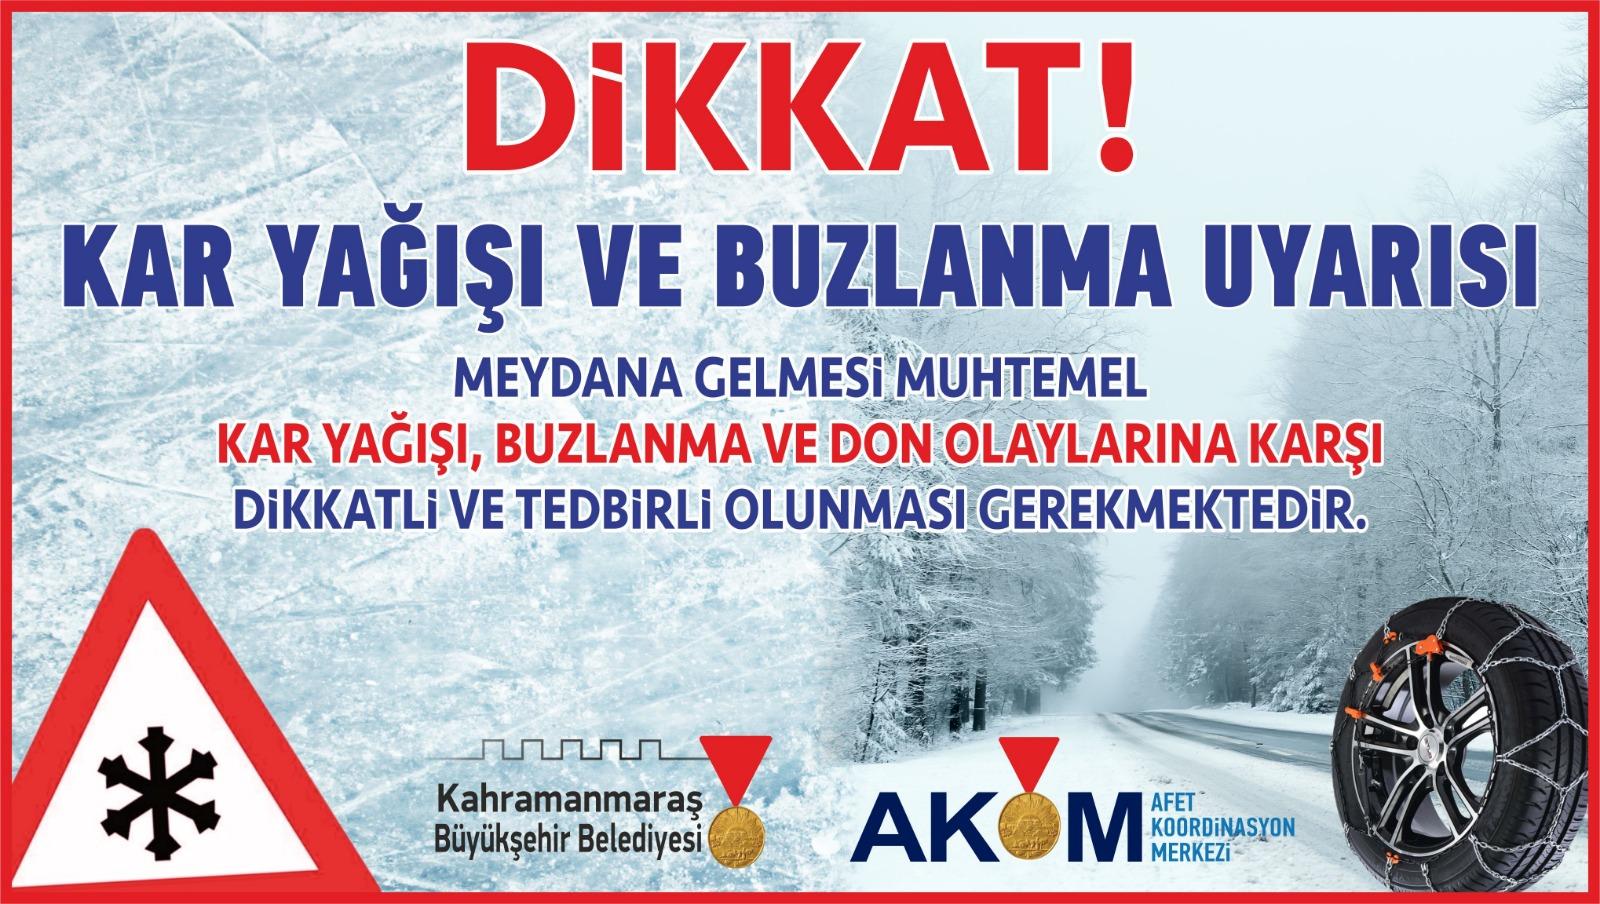 Akom'dan kar yağışı, buzlanma ve don olayı uyarısı